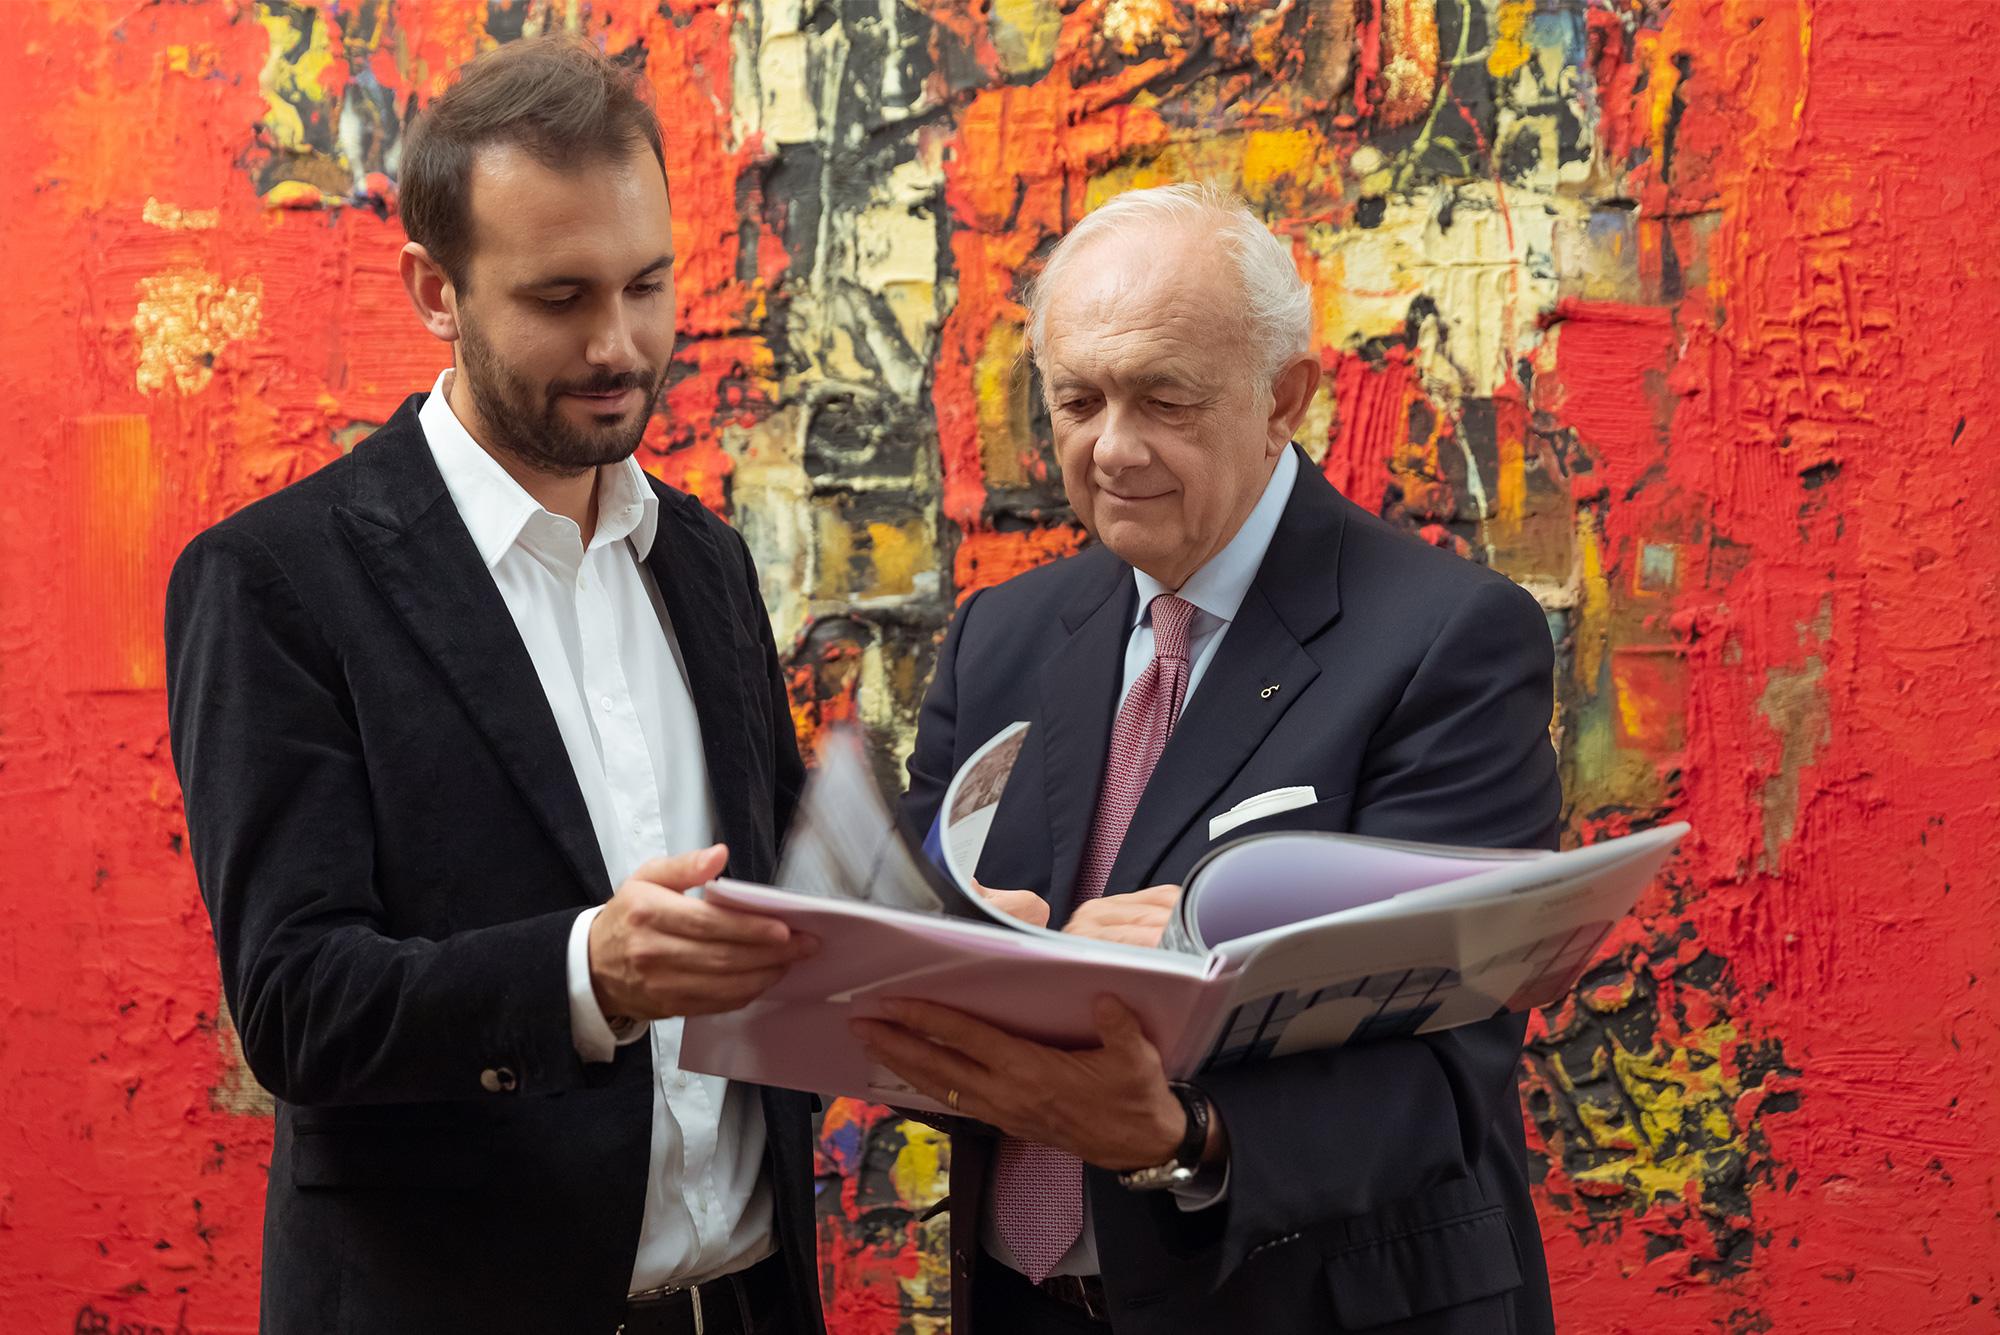 Art Director Matteo Binini, Binini Partners , Società di architettura e ingegneria, Reggio Emilia, Italia